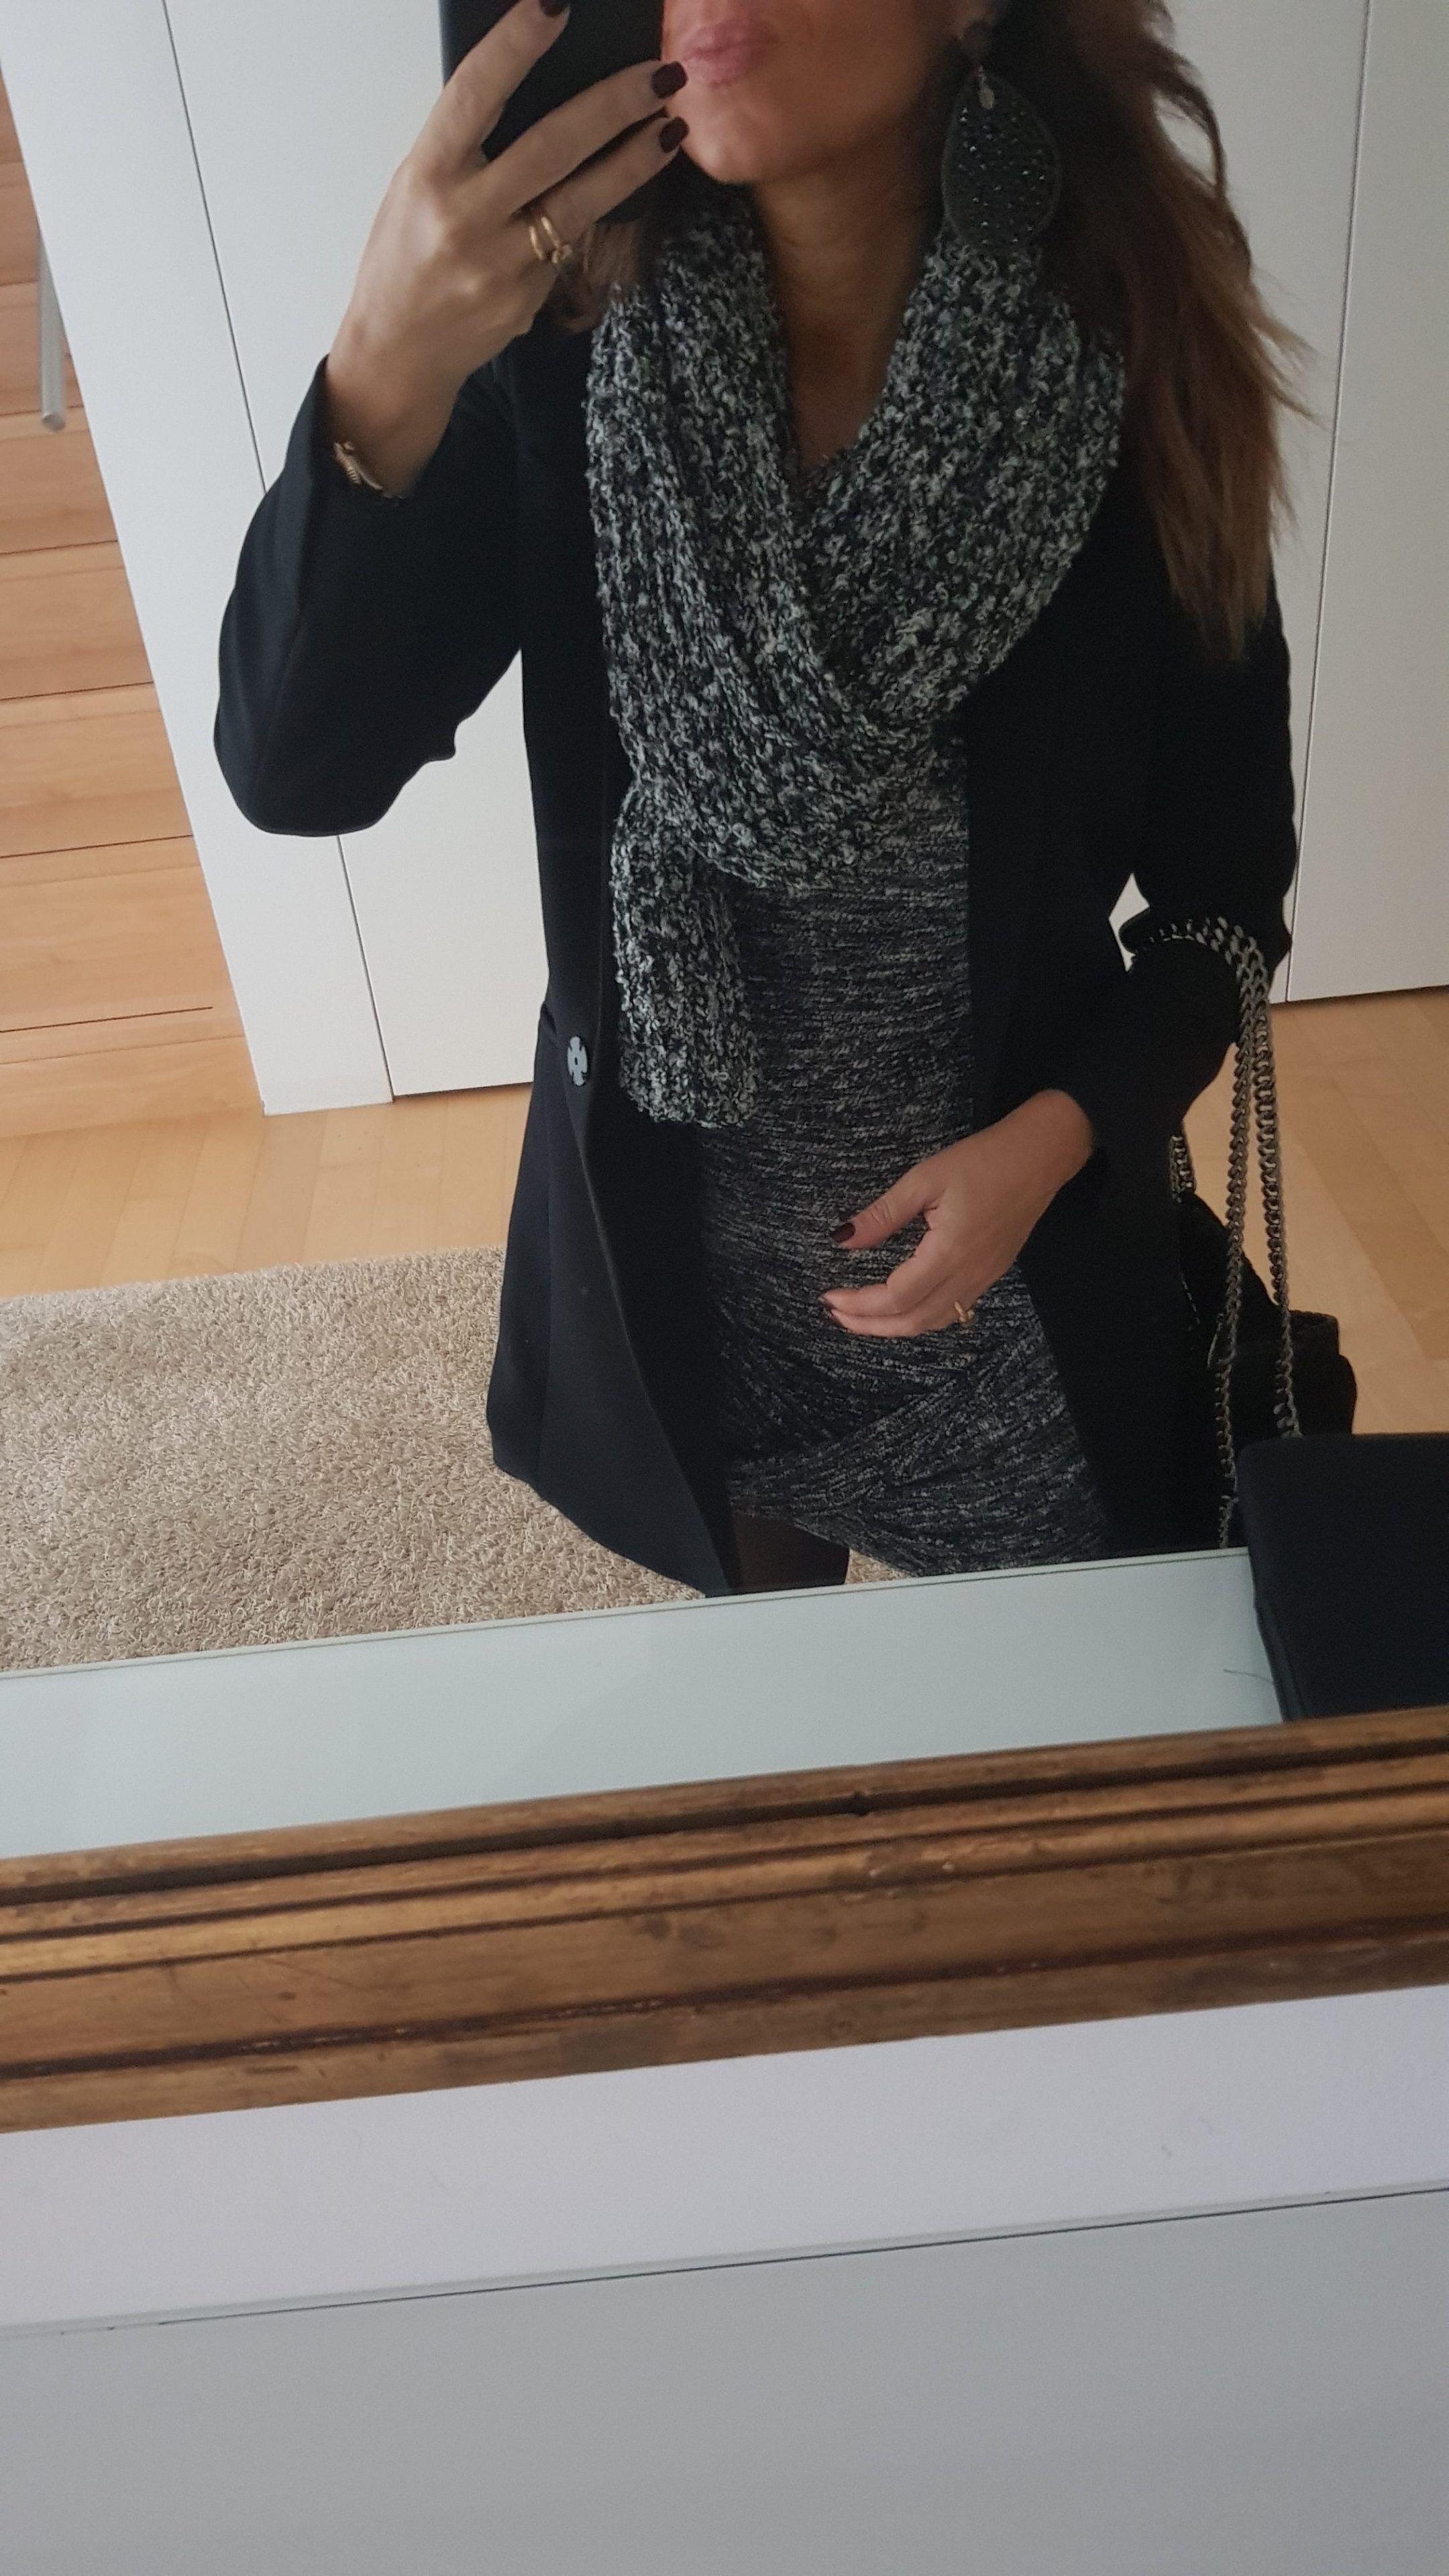 più recente da8f6 62bac Come indossare una sciarpa o una stola | Perfect outfit ...